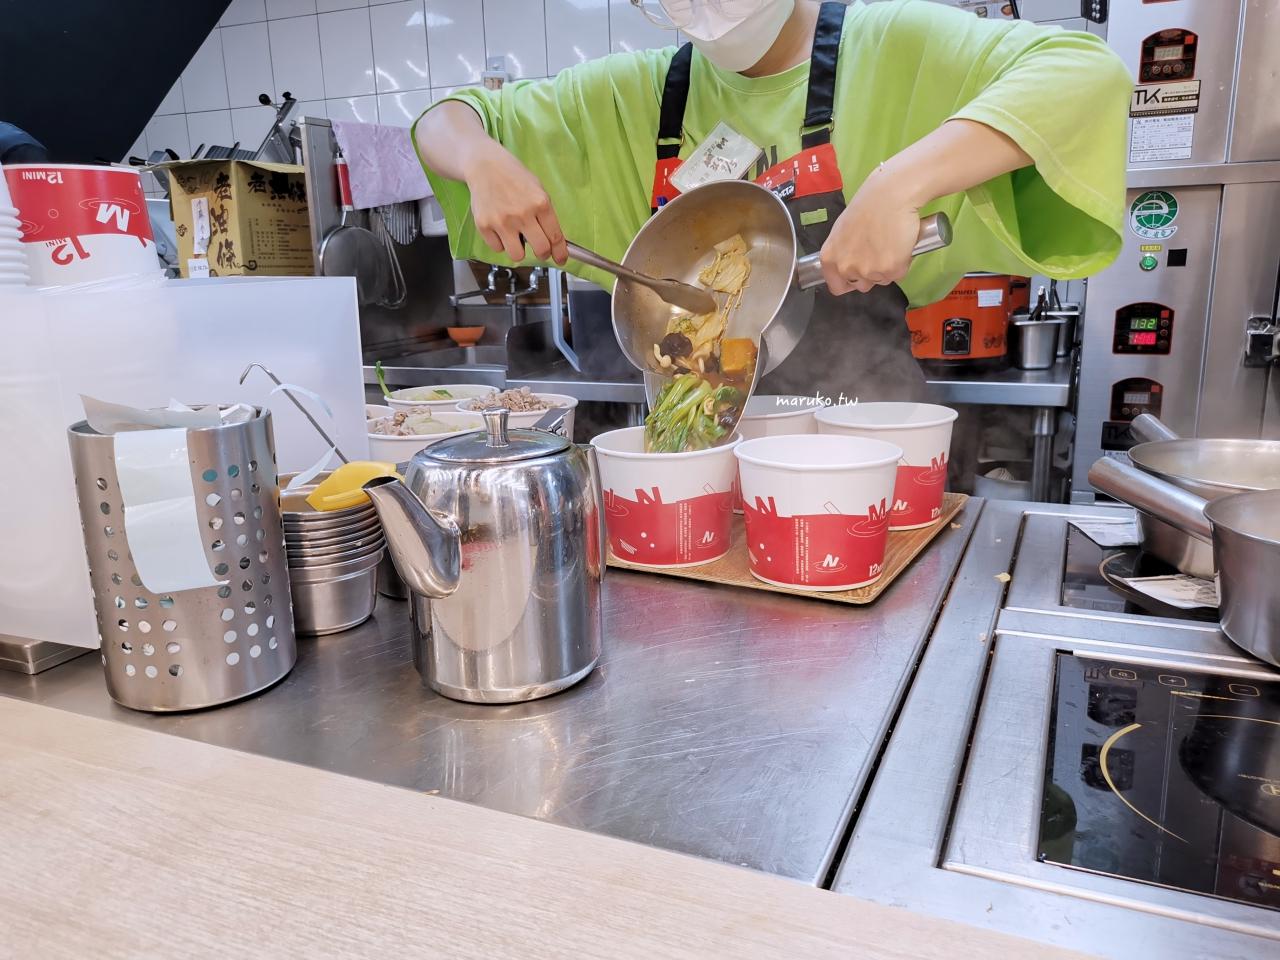 【台北】12mini 快煮鍋 王品旗下平價鍋物只要135元起 現在點餐肉量加倍再升級 @Maruko與美食有個約會